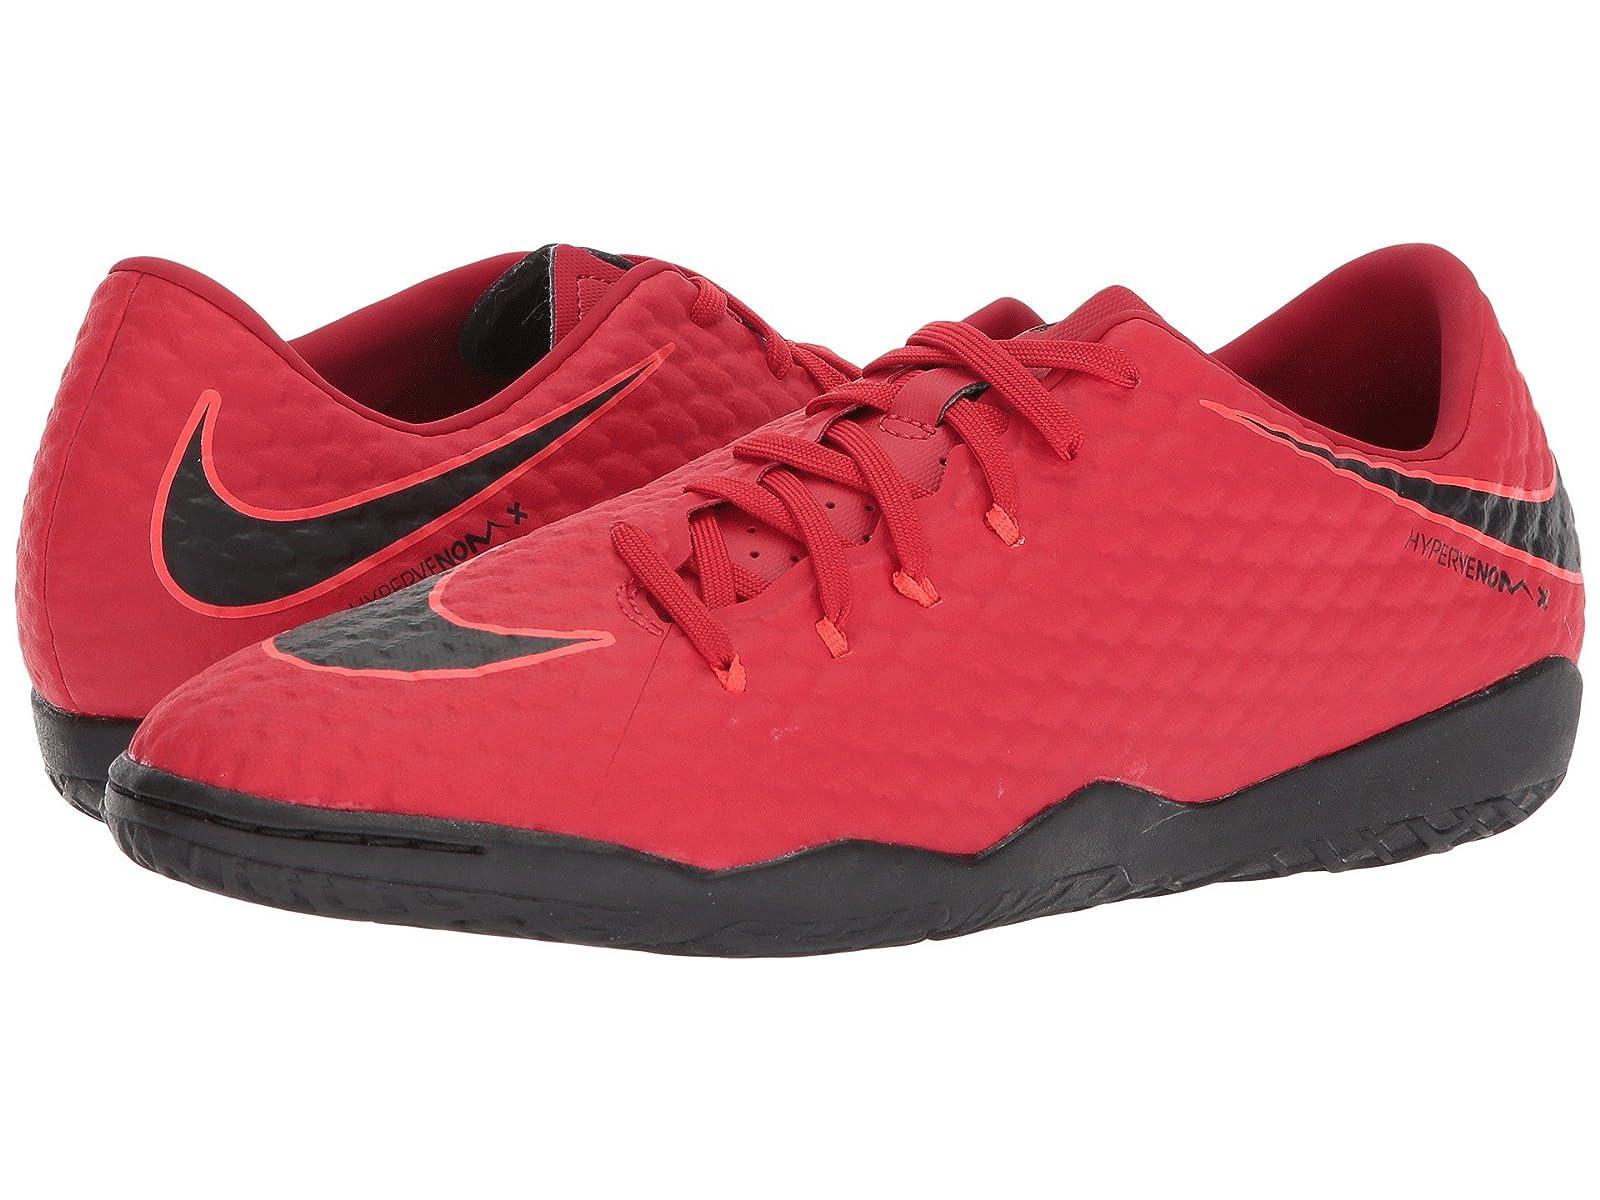 Nike Hypervenom Phelon III IC -Men/Women-Queensland -Men/Women-Queensland IC e08199